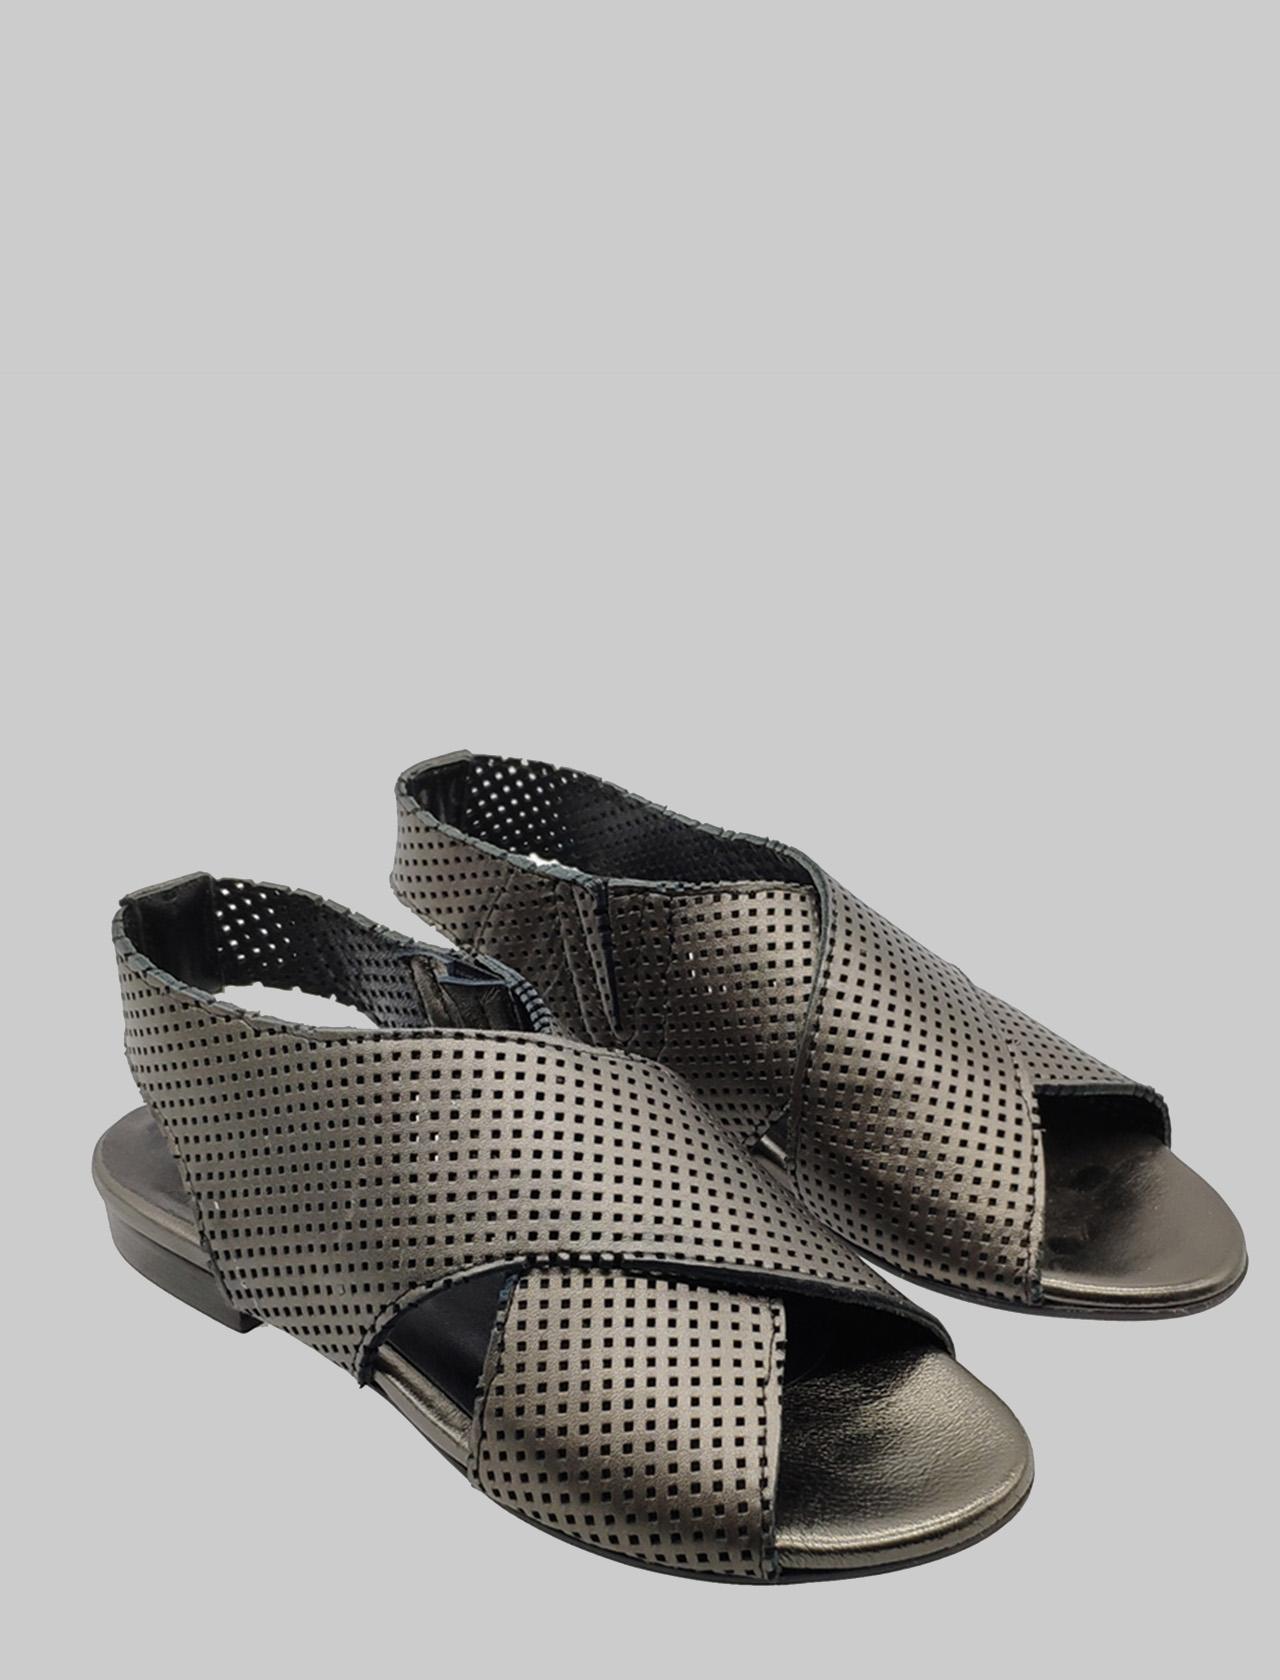 Calzature Donna Sandali Bassi in Pelle Forata e Laminata Canna di Fucile con Cinturino Elastico Posteriore Zoe   Sandali Flat   DUFFY062